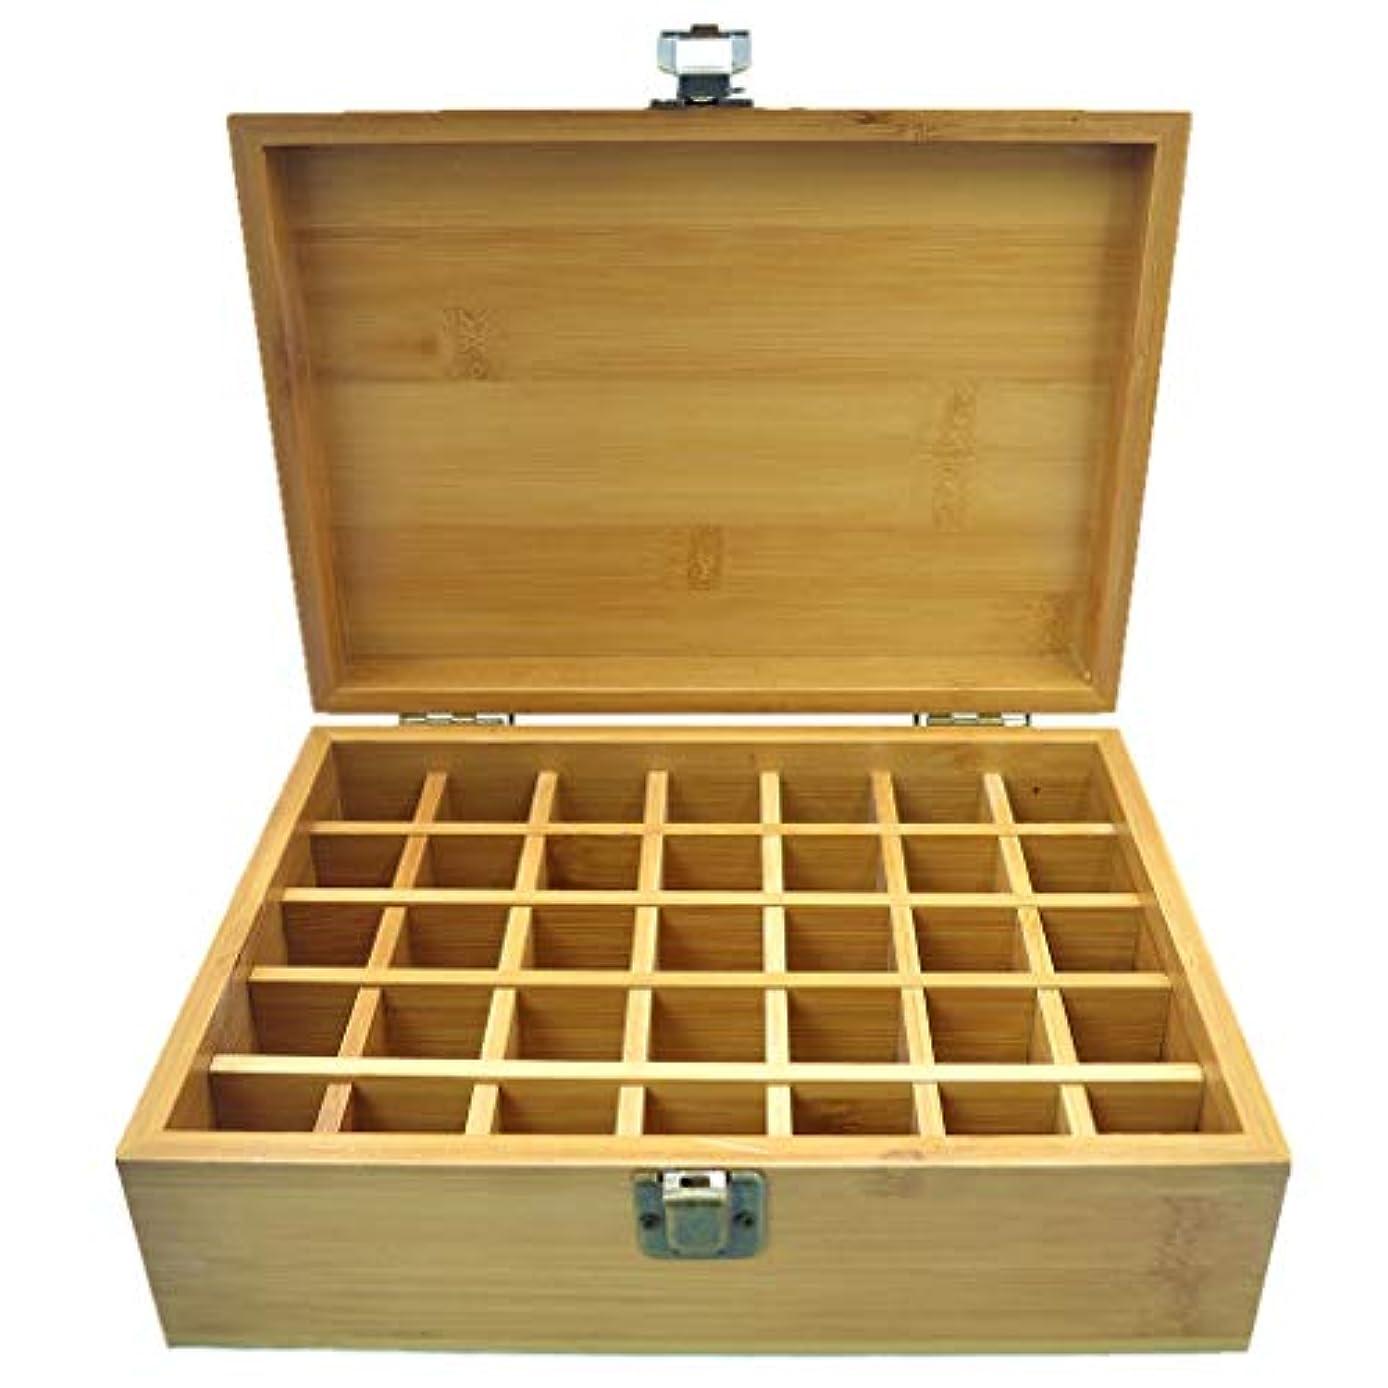 ゆり物理学者湿度PhantomSky エッセンシャルオイル収納ボックス 35本用 竹製エッセンシャルオイルボックス メイクポーチ 精油収納ケース 携帯用 自然ウッド精油収納ボックス 香水収納ケース